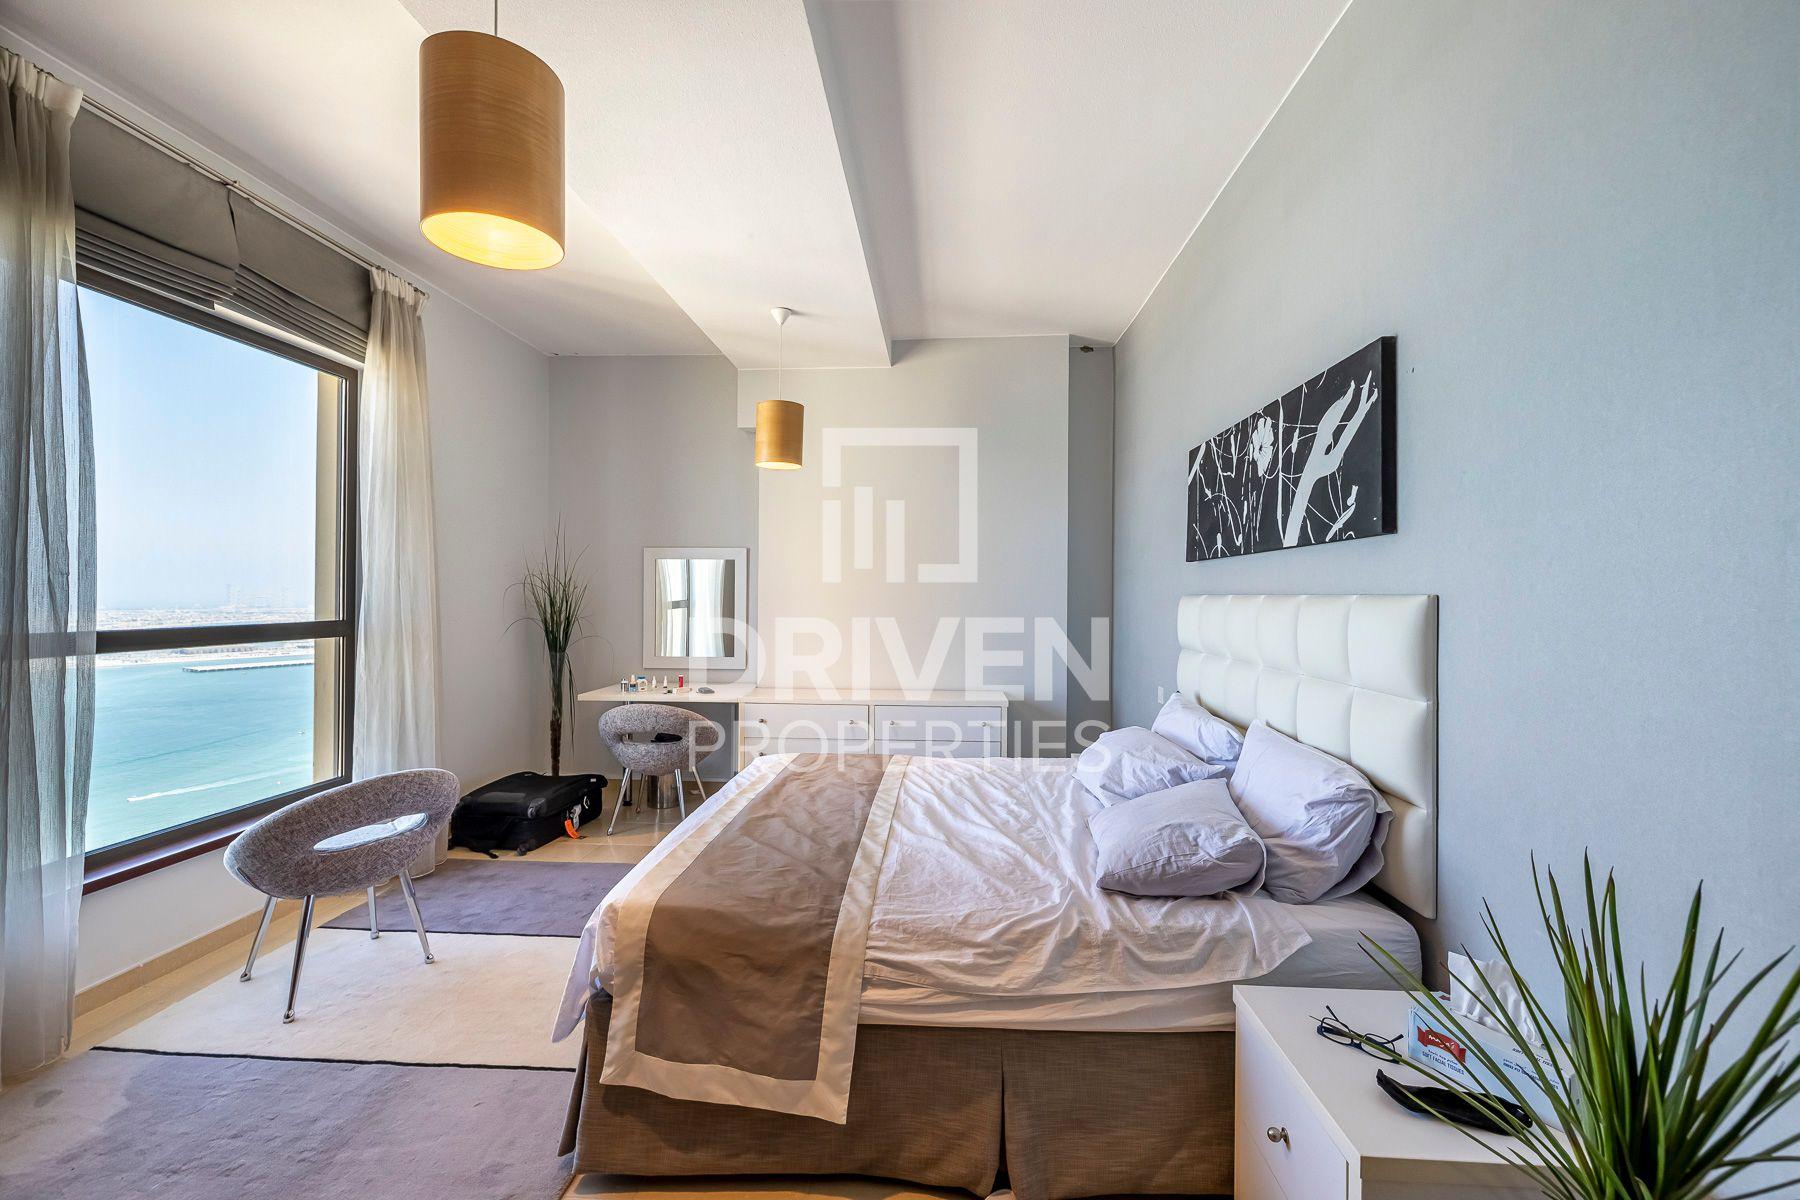 1,274 قدم مربع  شقة - للايجار - مساكن شاطئ الجميرا